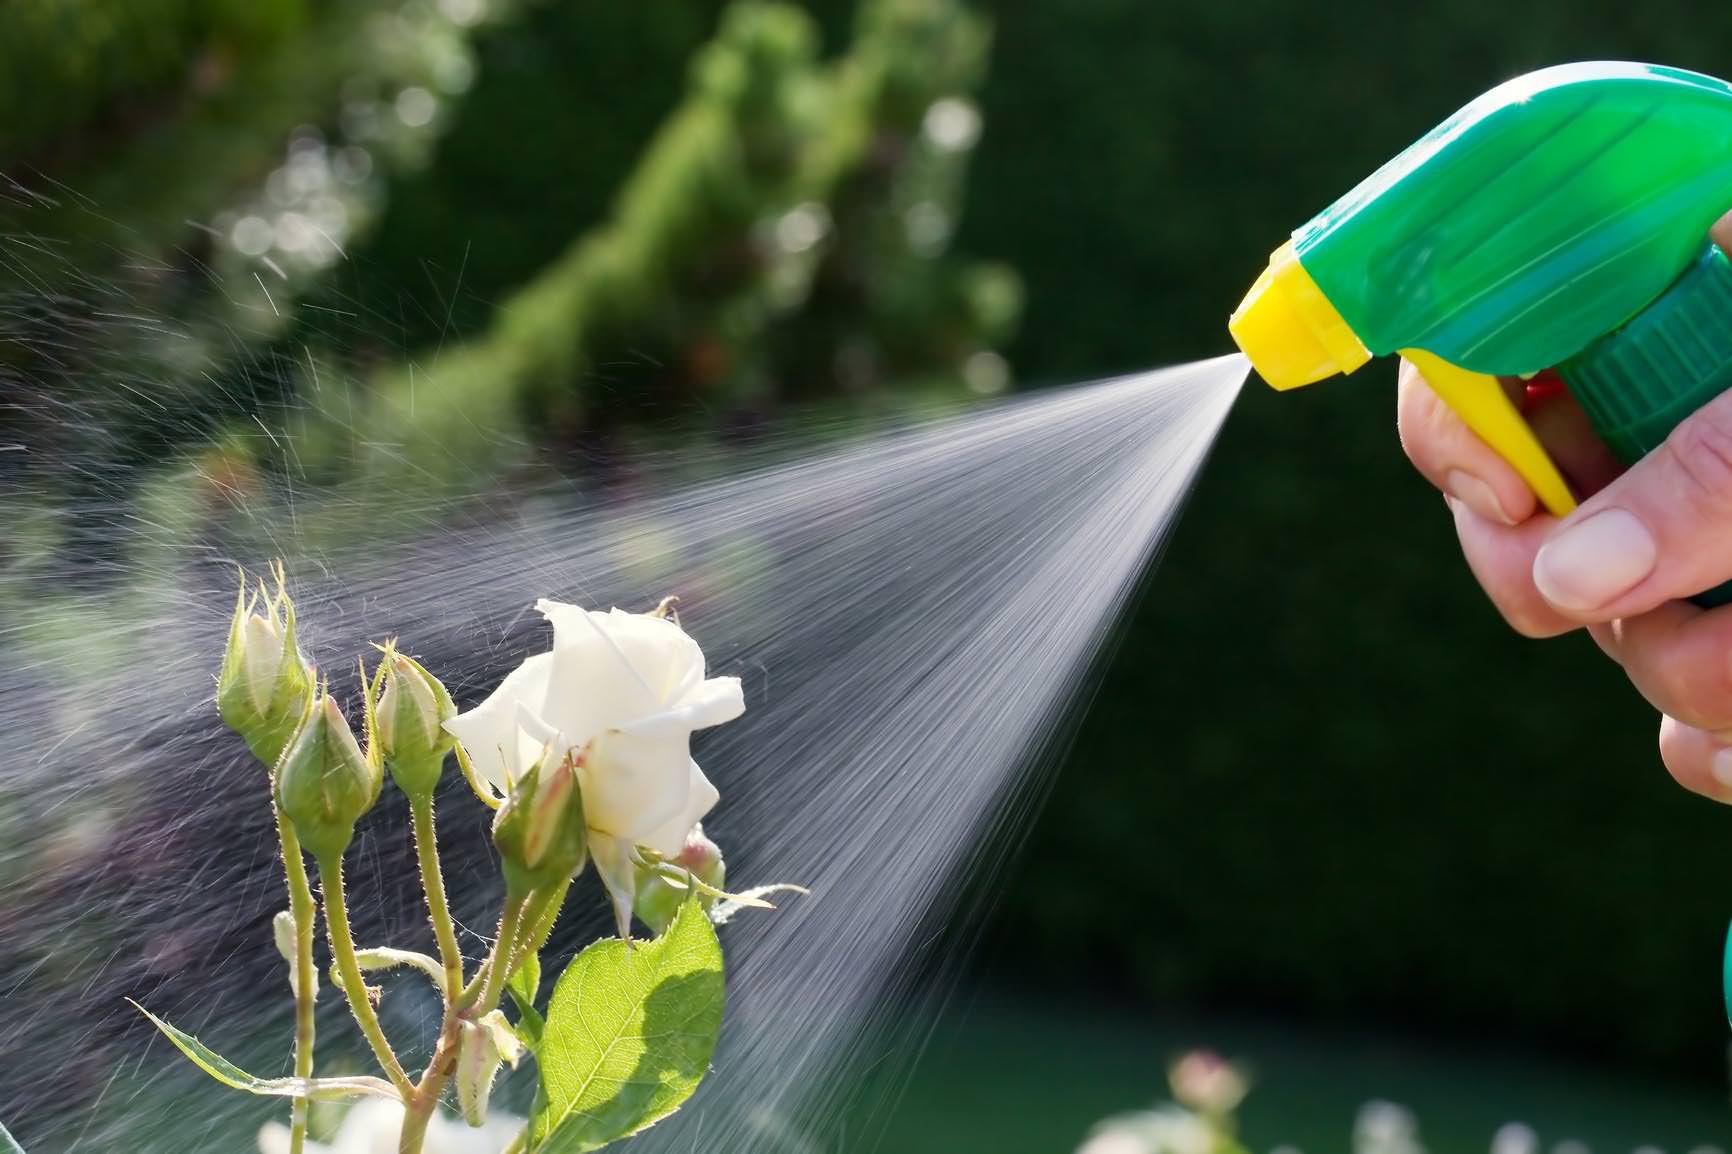 Опрыскивание растения мыльным раствором является несложным методом борьбы с тлей